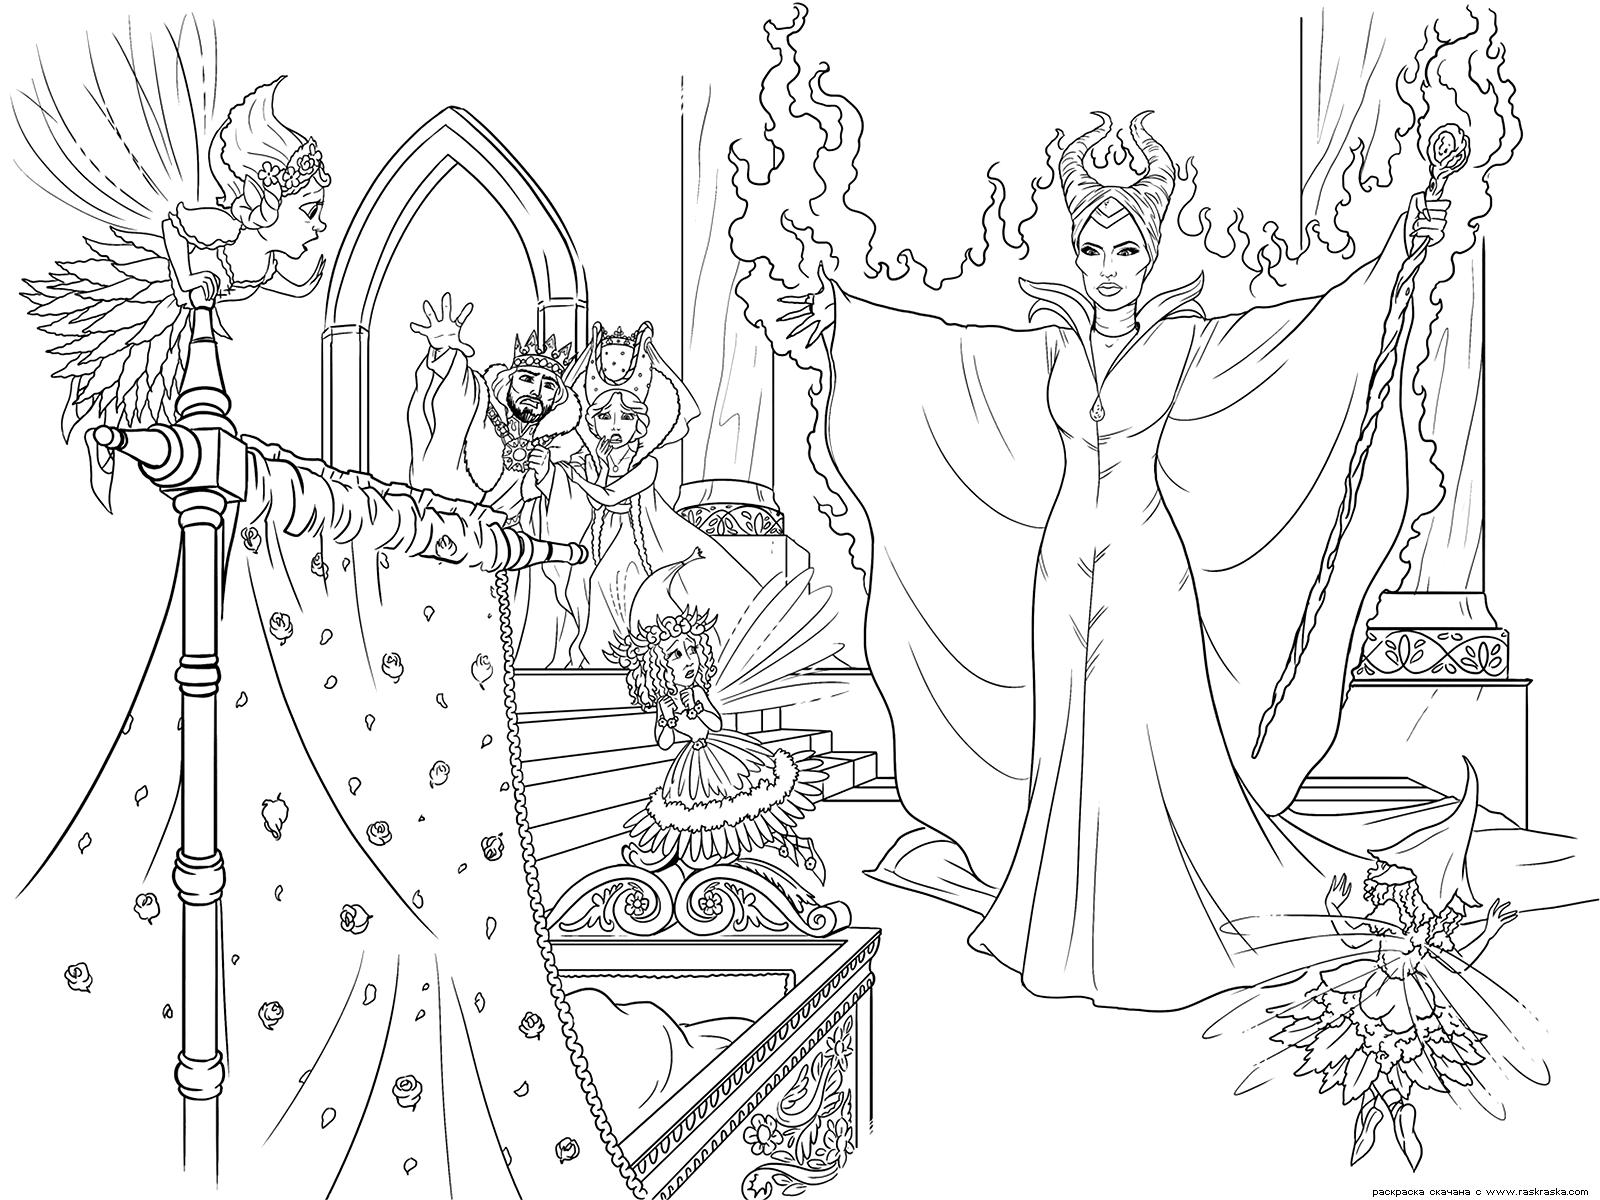 Раскраска Проклятие. Раскраска Малефисента, фея, волшебница. колыбель, принцесса